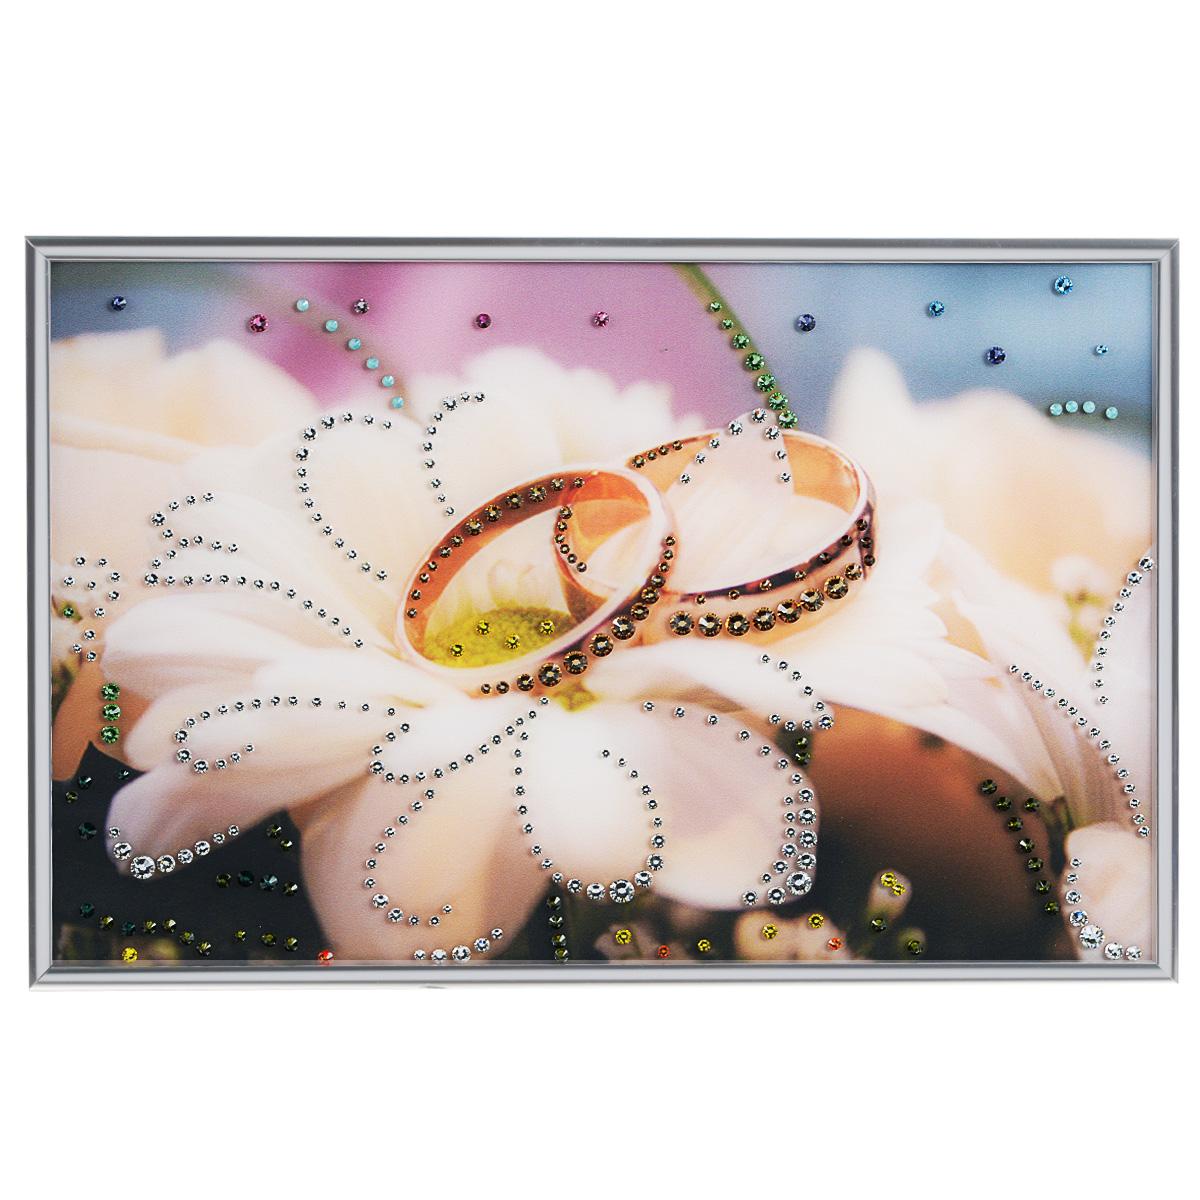 Картина с кристаллами Swarovski Обручальное кольцо, 30 х 20 см1082Изящная картина в металлической раме, инкрустирована кристаллами Swarovski, которые отличаются четкой и ровной огранкой, ярким блеском и чистотой цвета. Красочное изображение обручальных колец, расположенное под стеклом, прекрасно дополняет блеск кристаллов. С обратной стороны имеется металлическая петелька для размещения картины на стене.Картина с кристаллами Swarovski Обручальное кольцо элегантно украсит интерьер дома или офиса, а также станет прекрасным подарком, который обязательно понравится получателю. Блеск кристаллов в интерьере, что может быть сказочнее и удивительнее. Картина упакована в подарочную картонную коробку синего цвета и комплектуется сертификатом соответствия Swarovski.